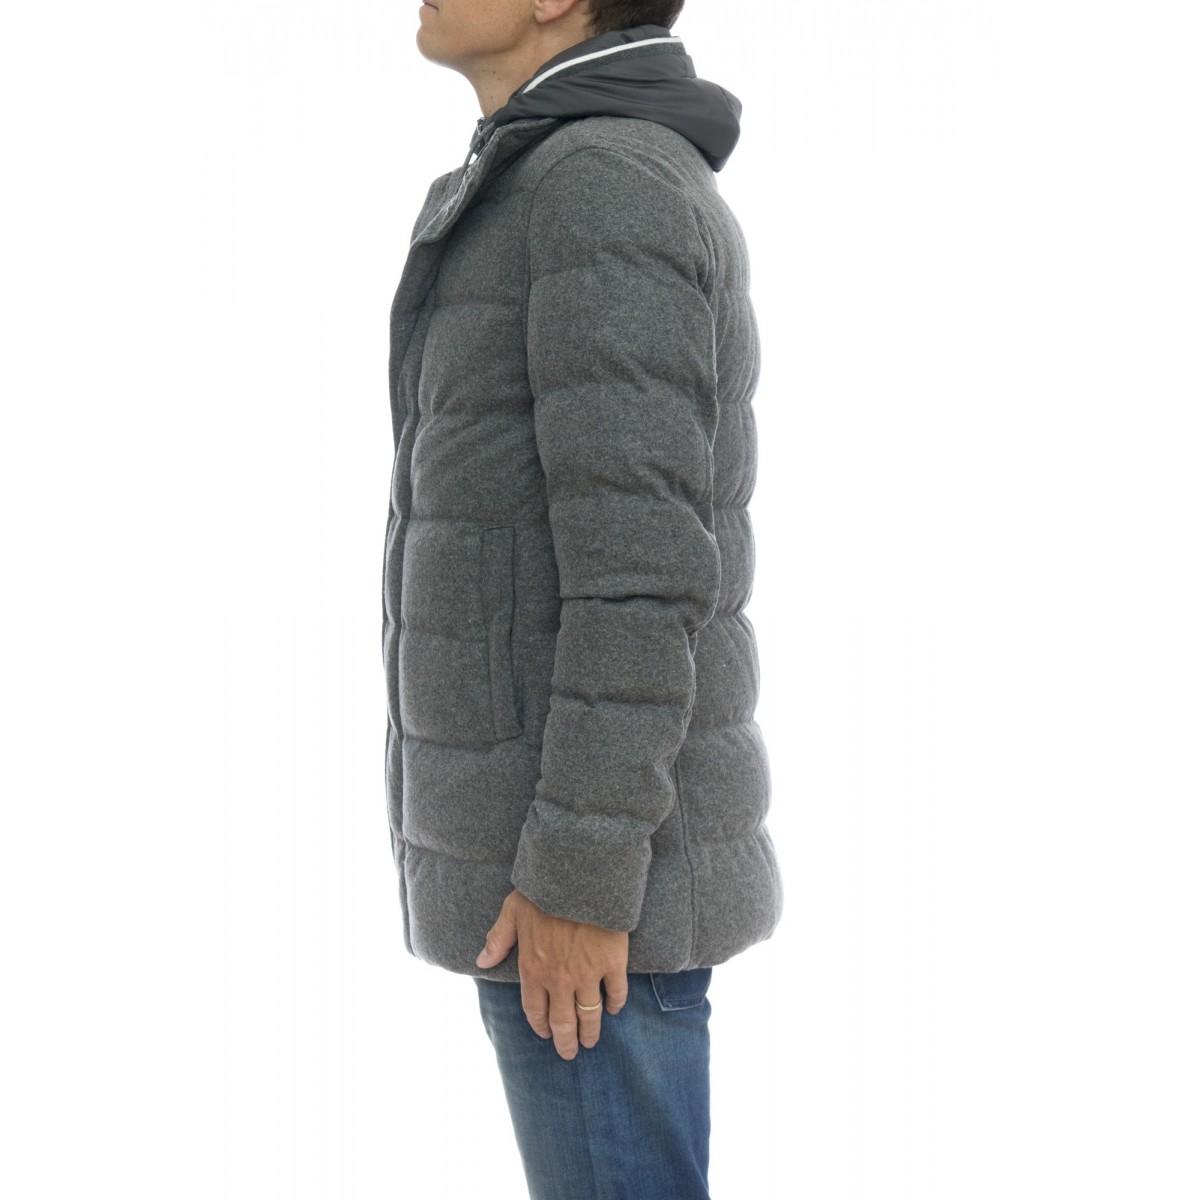 Down Jacket Man- Pi005ur 33508s resort lana cotta